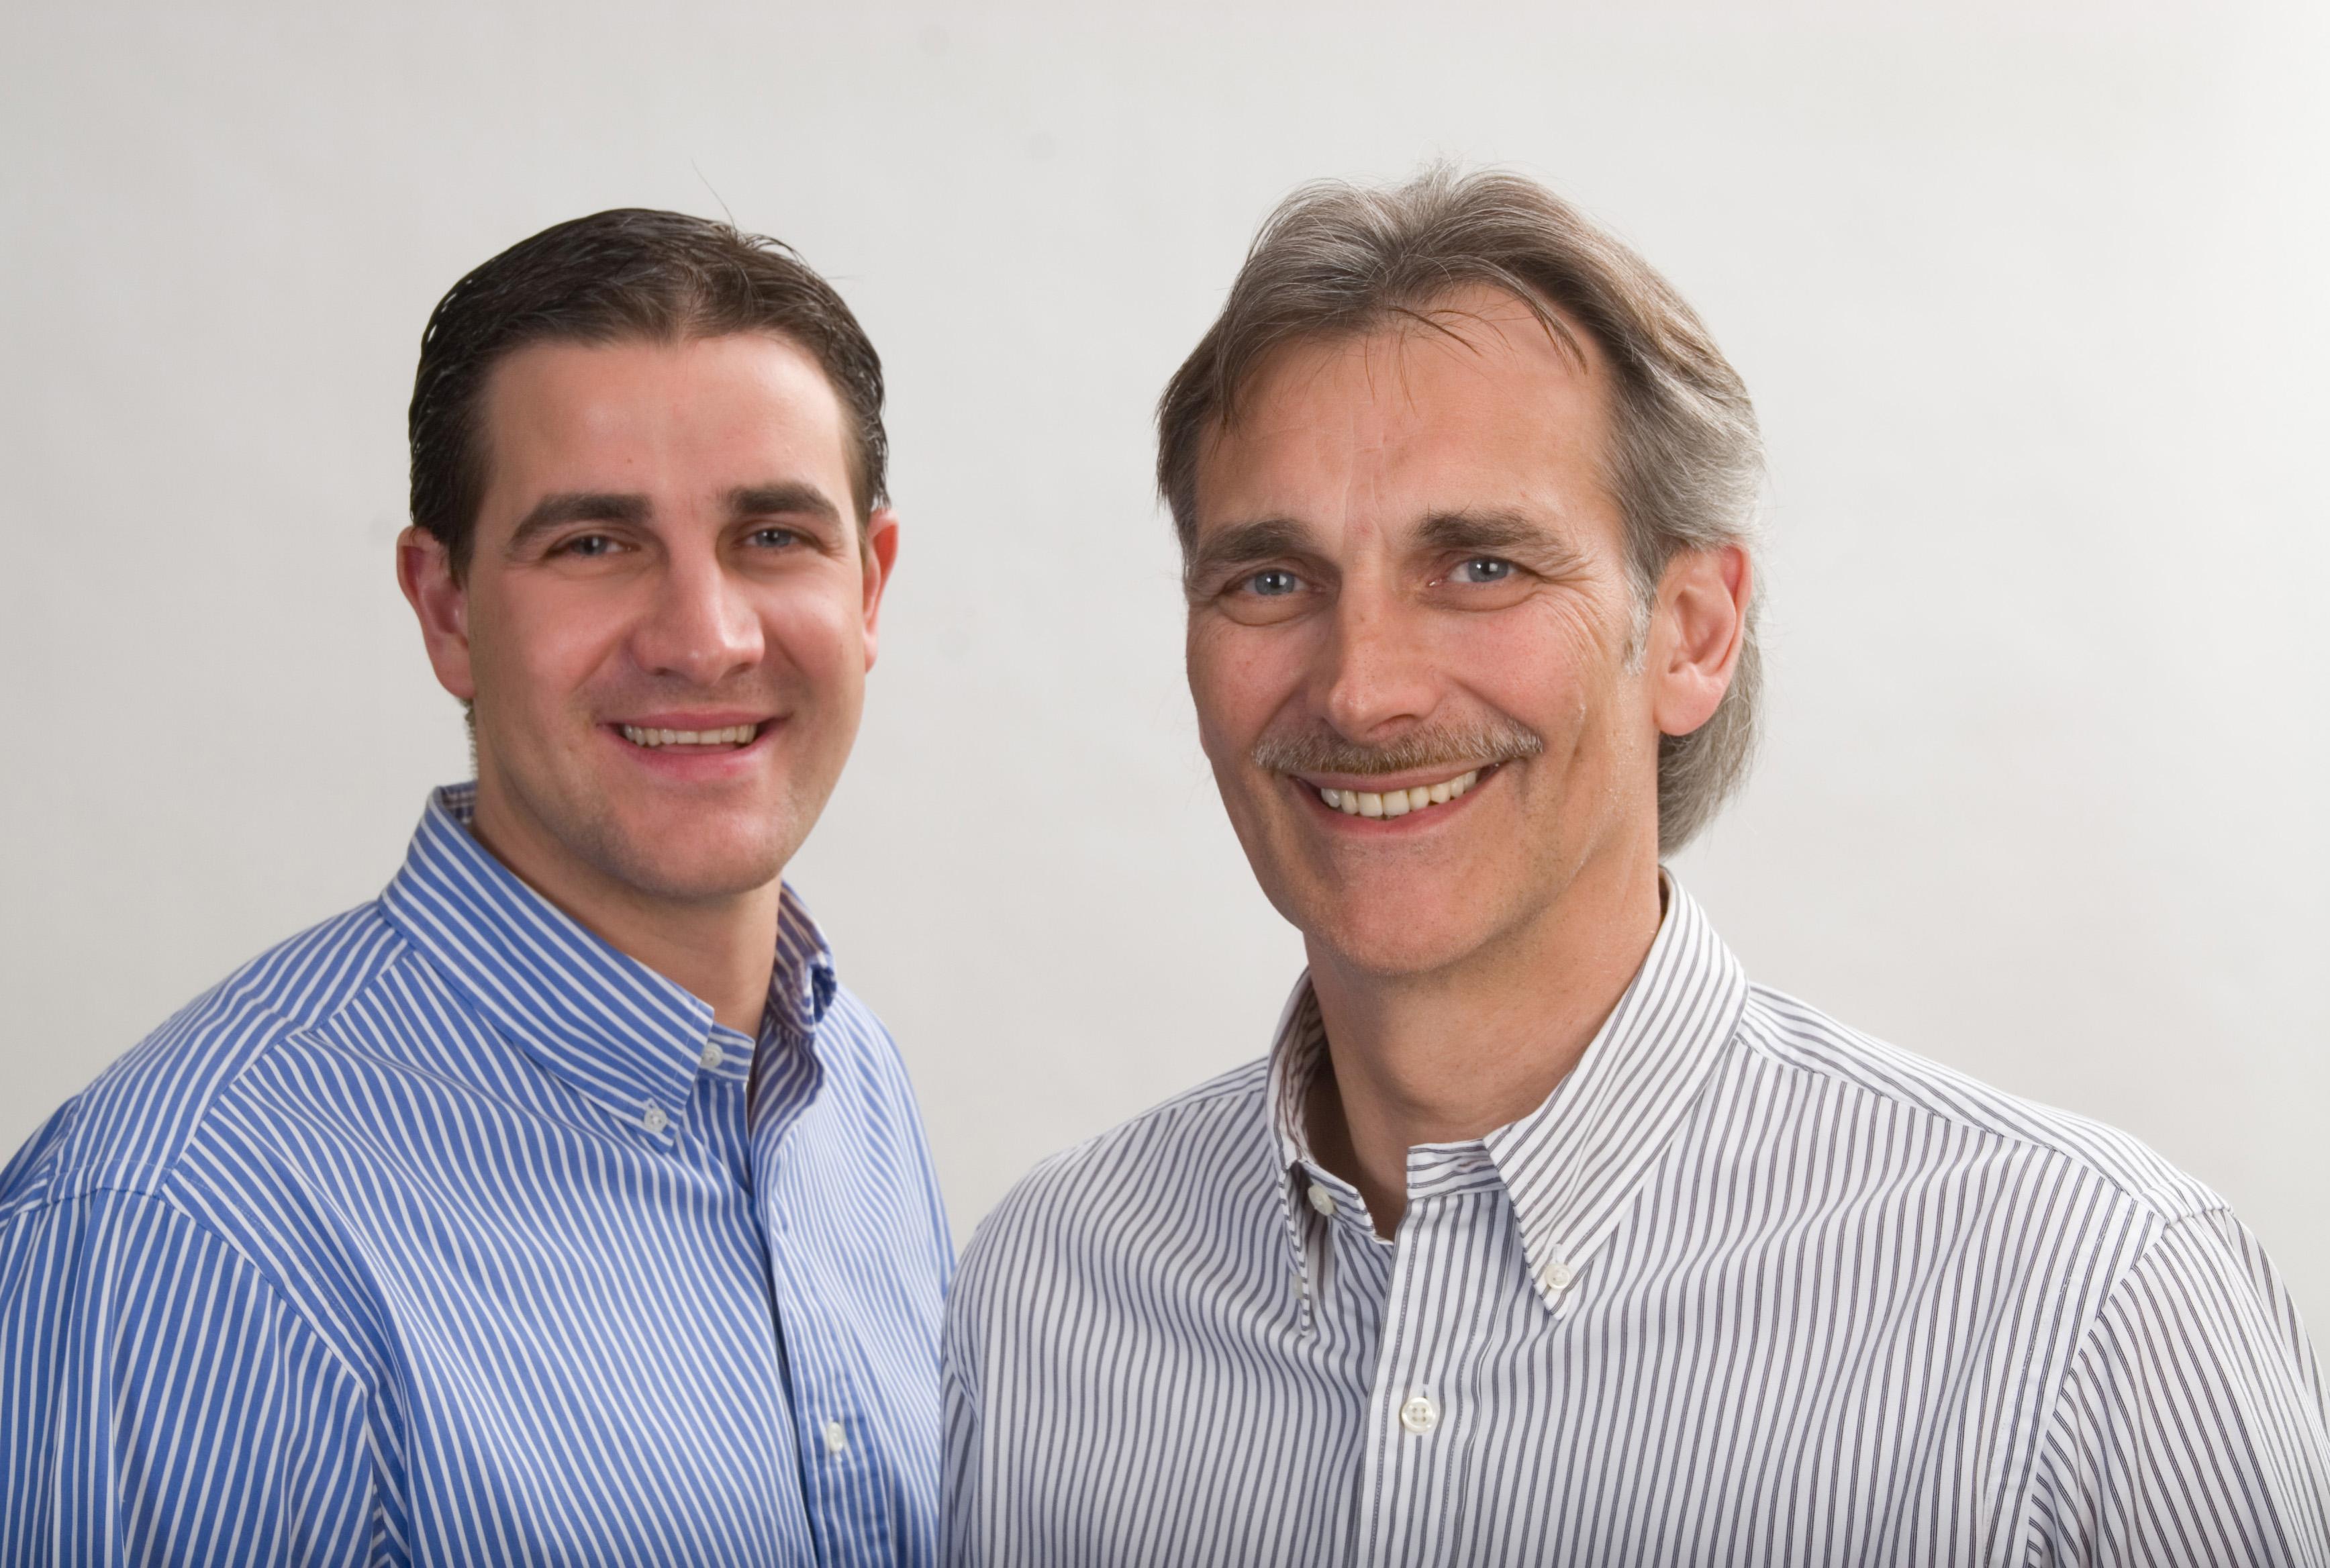 André-Marcel Kasper & Wilfried Kasper